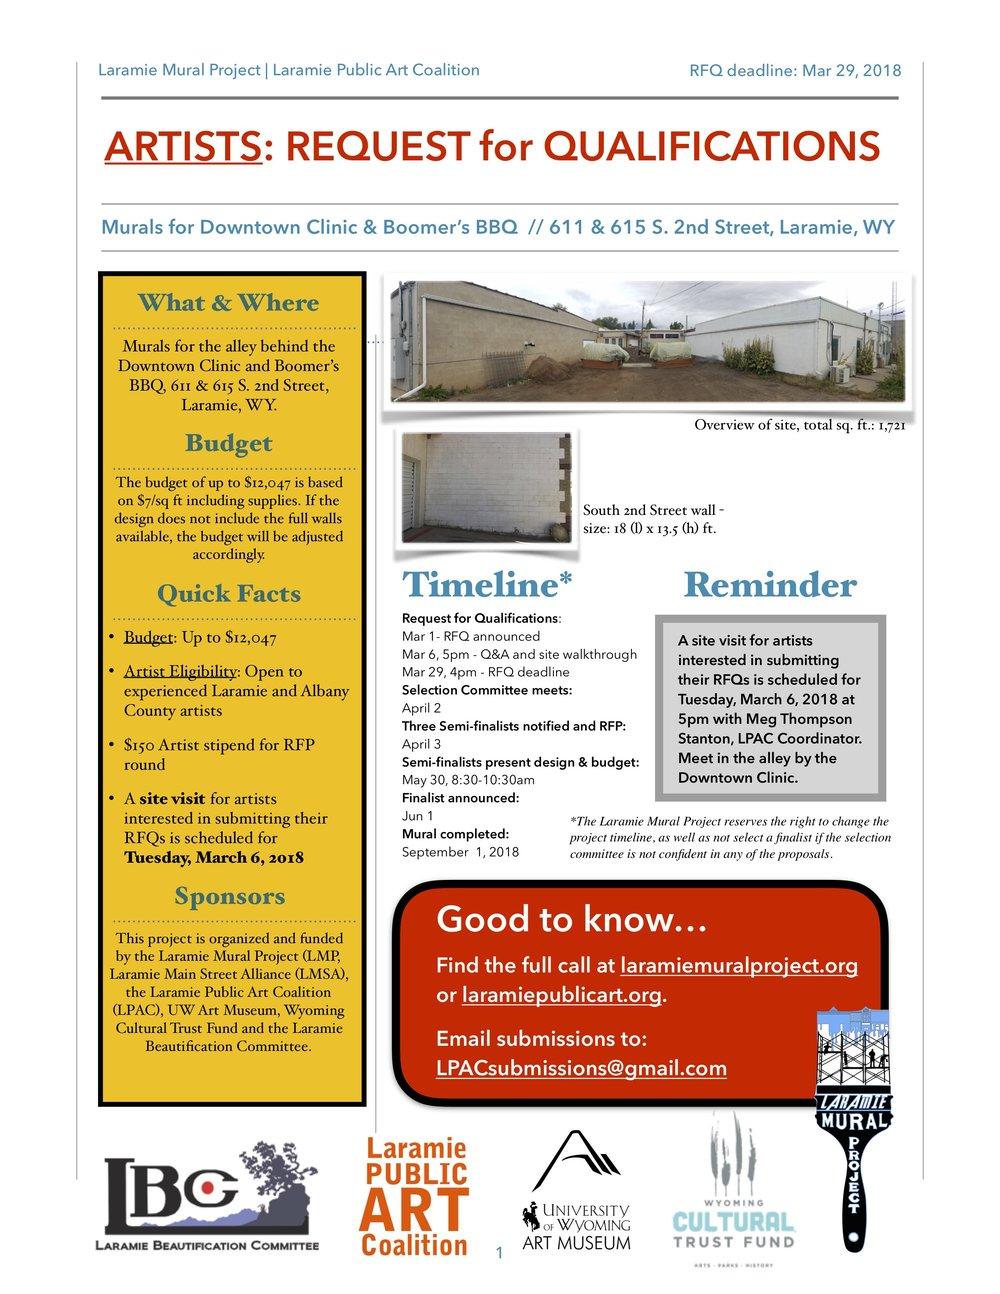 LPAC RFQ sum18 downtown clinic 1page (1).jpg